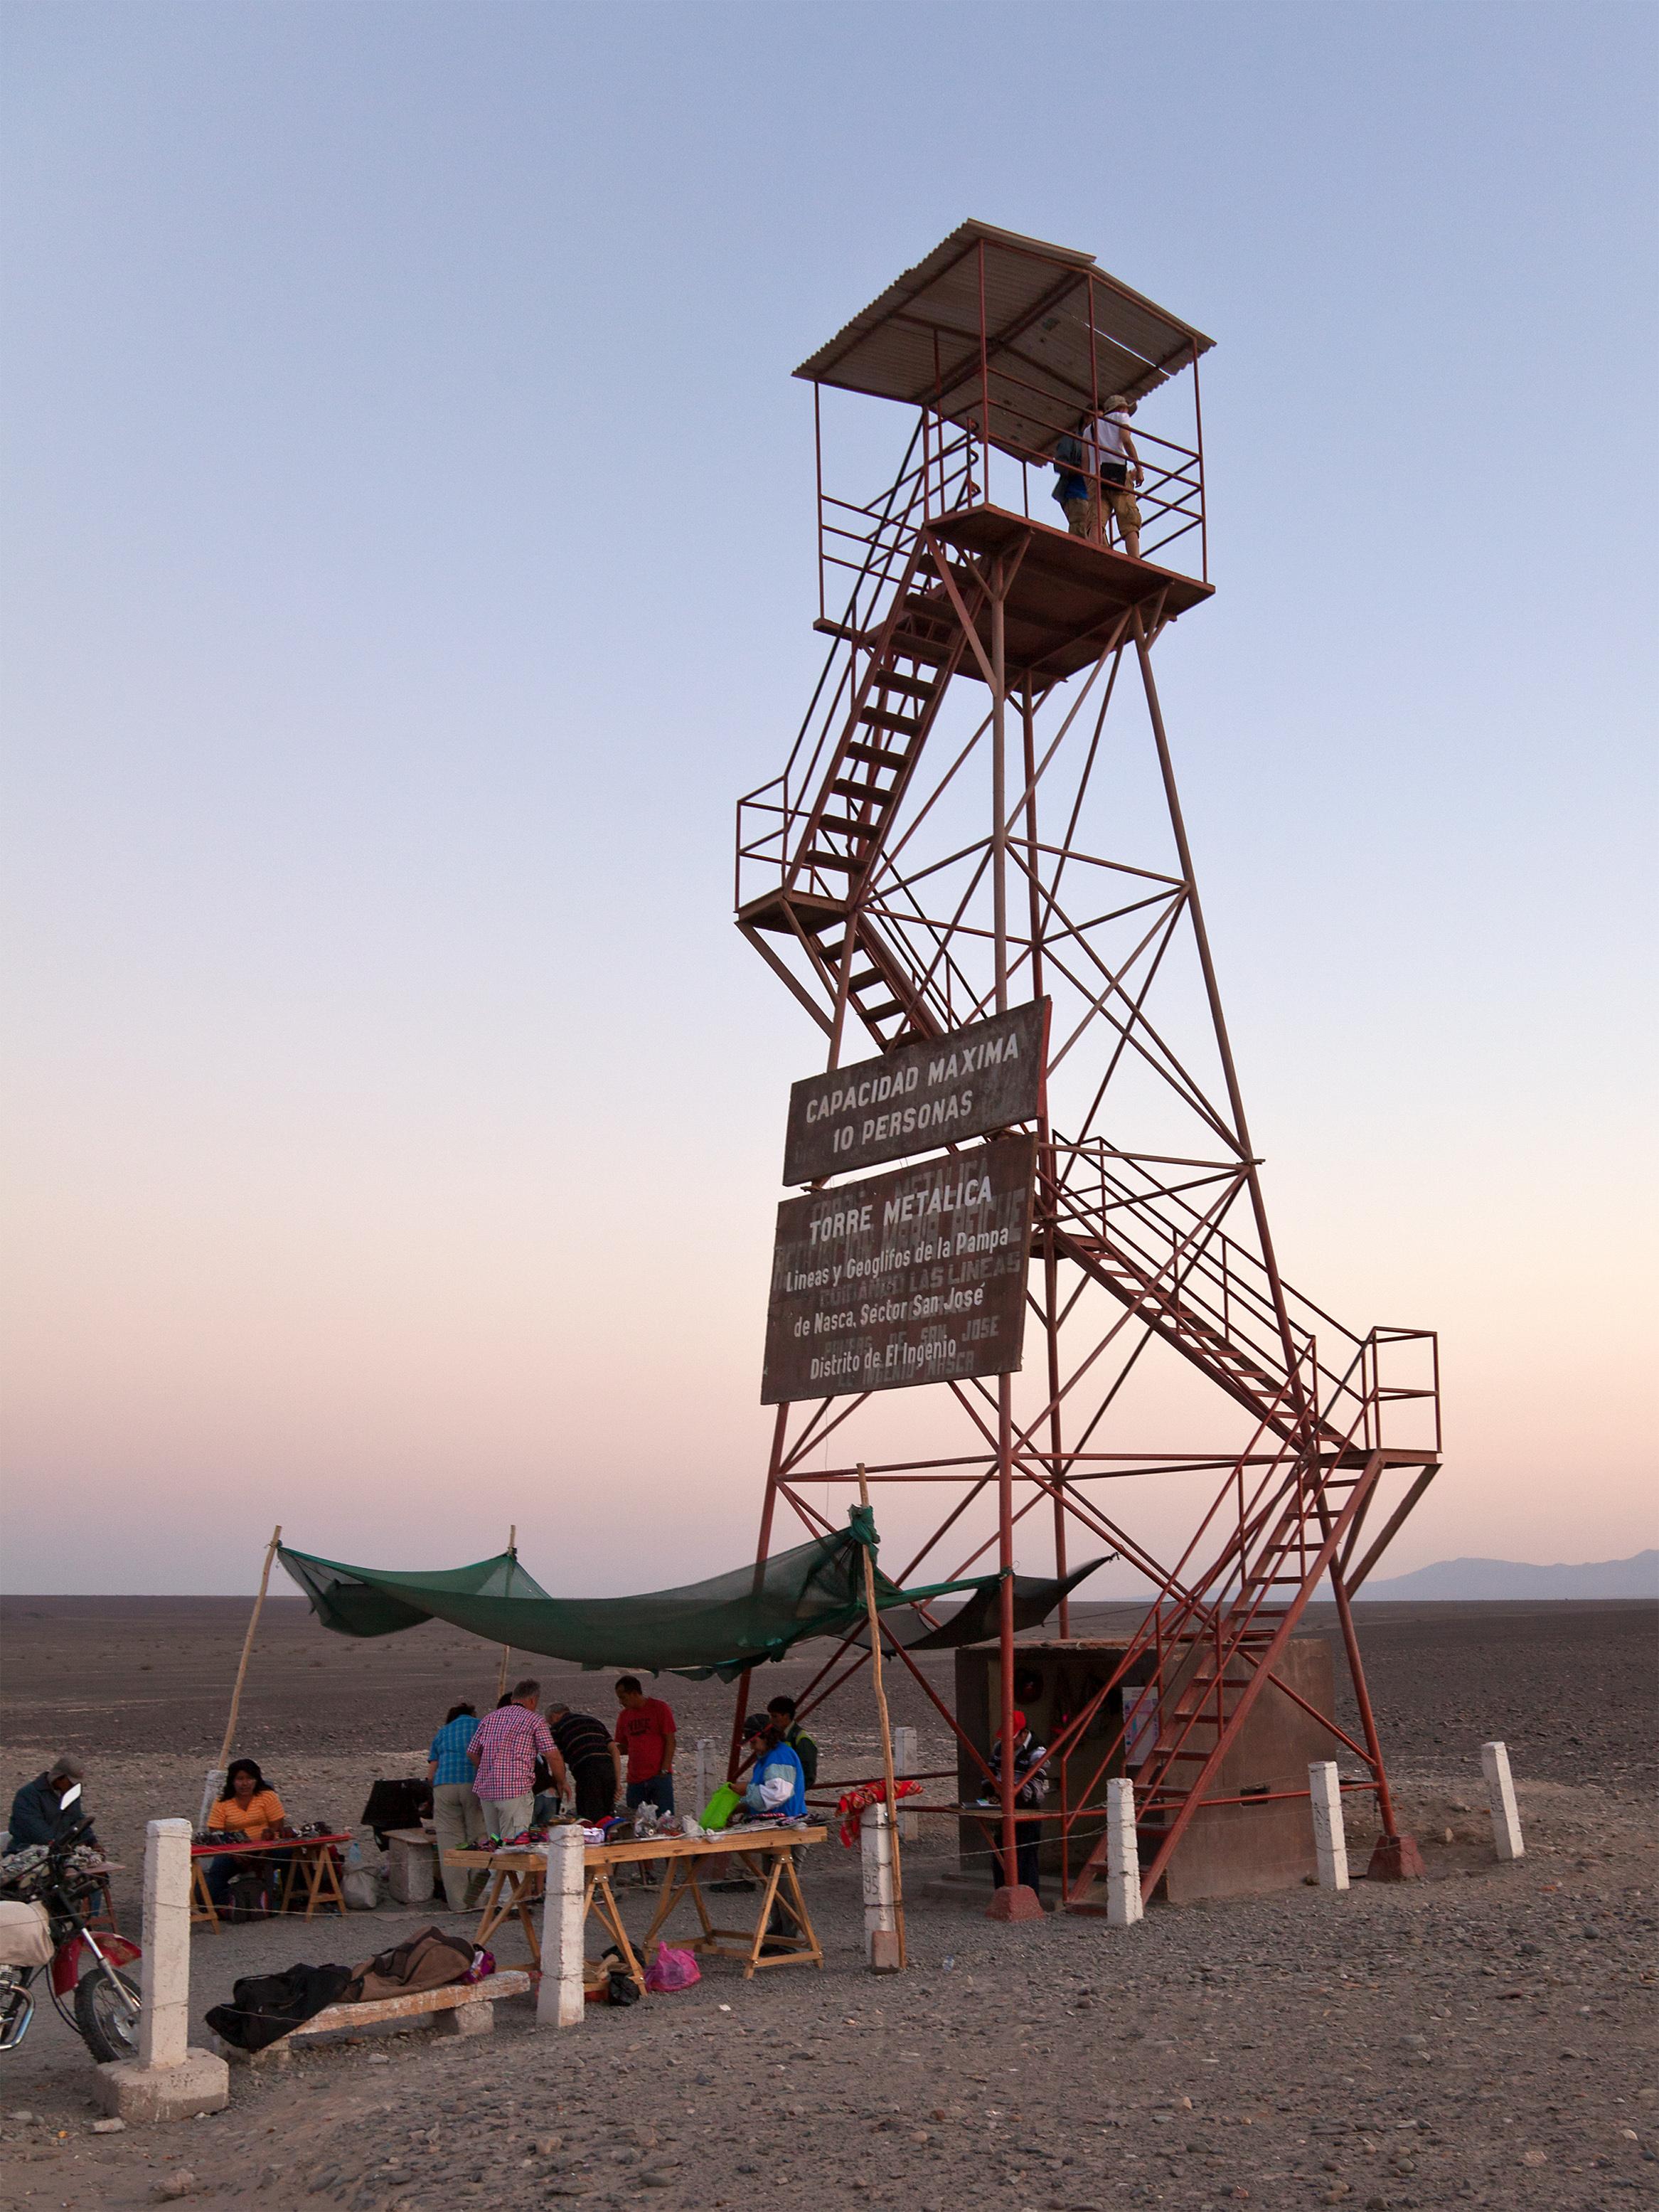 Nazca_Lines_Observation_Tower.jpg